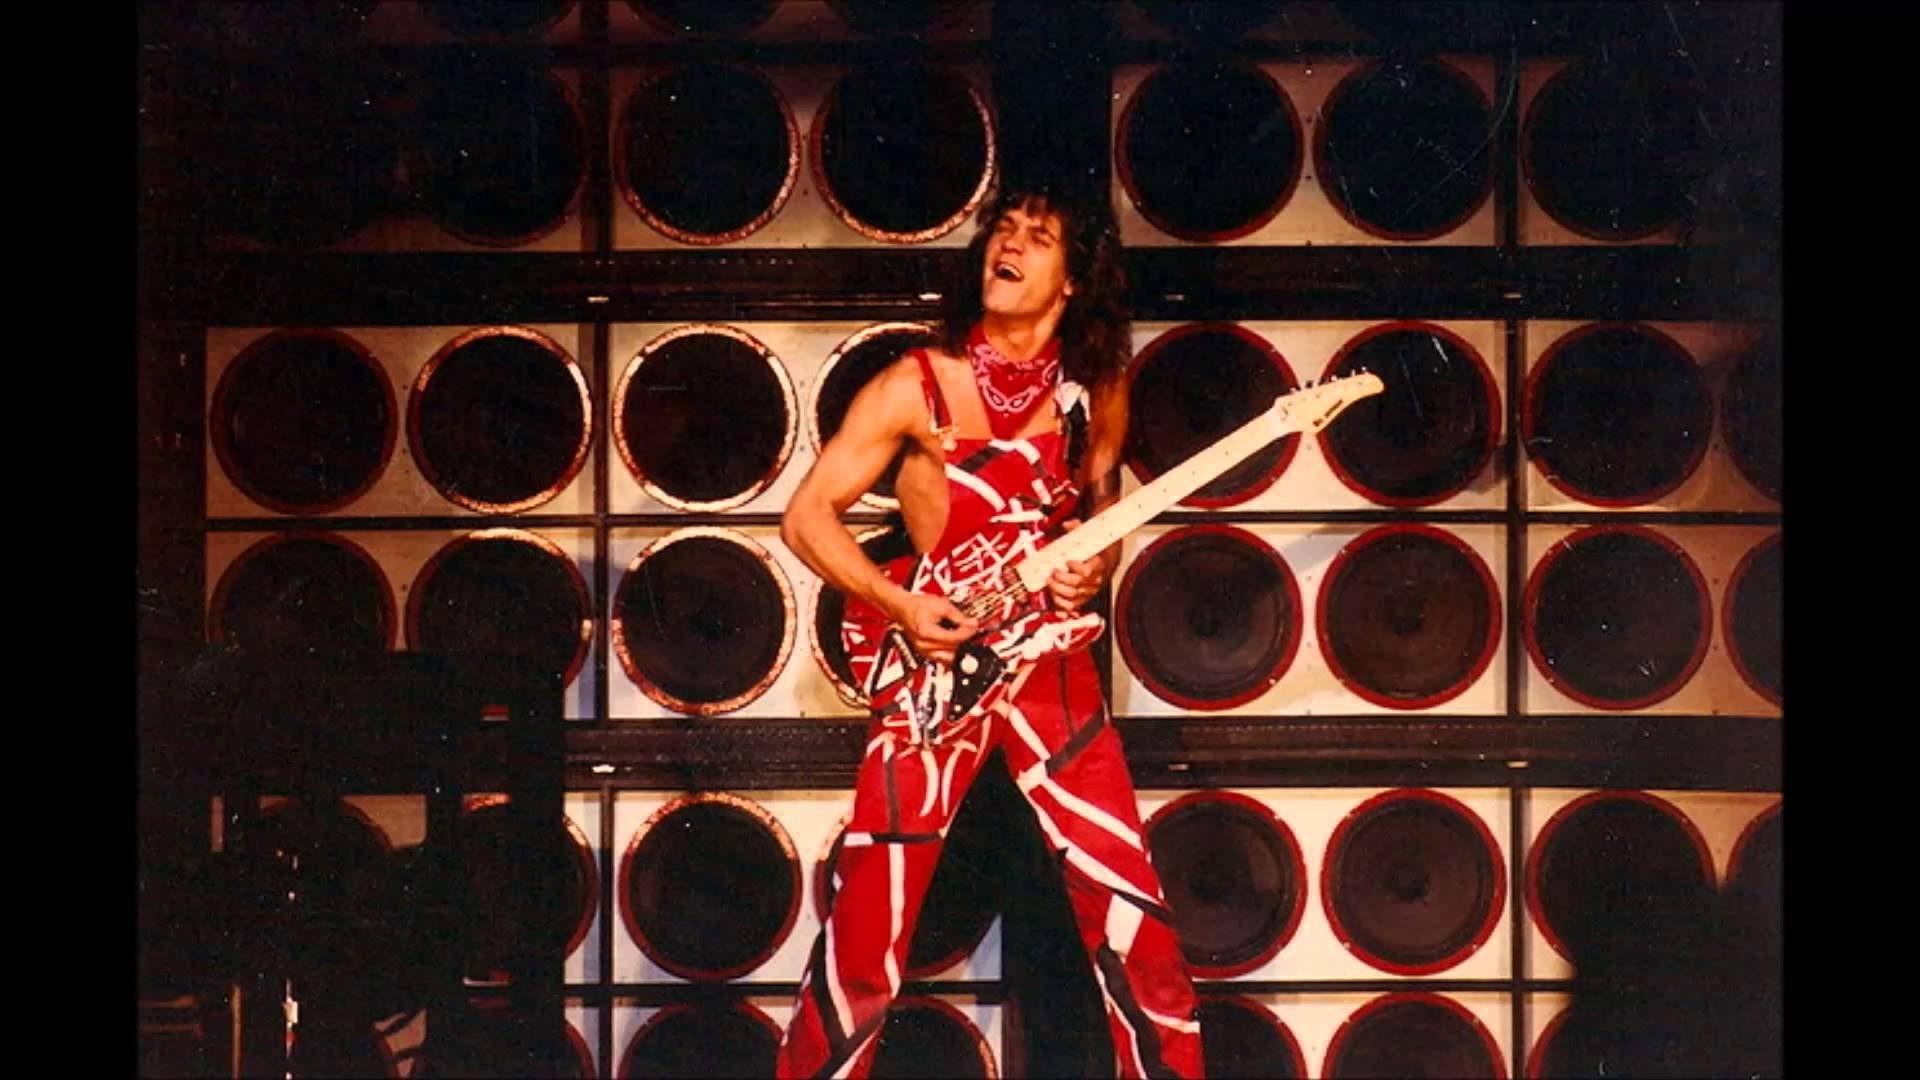 Eddie Van Halen Guitar Wallpaper 54 Pictures